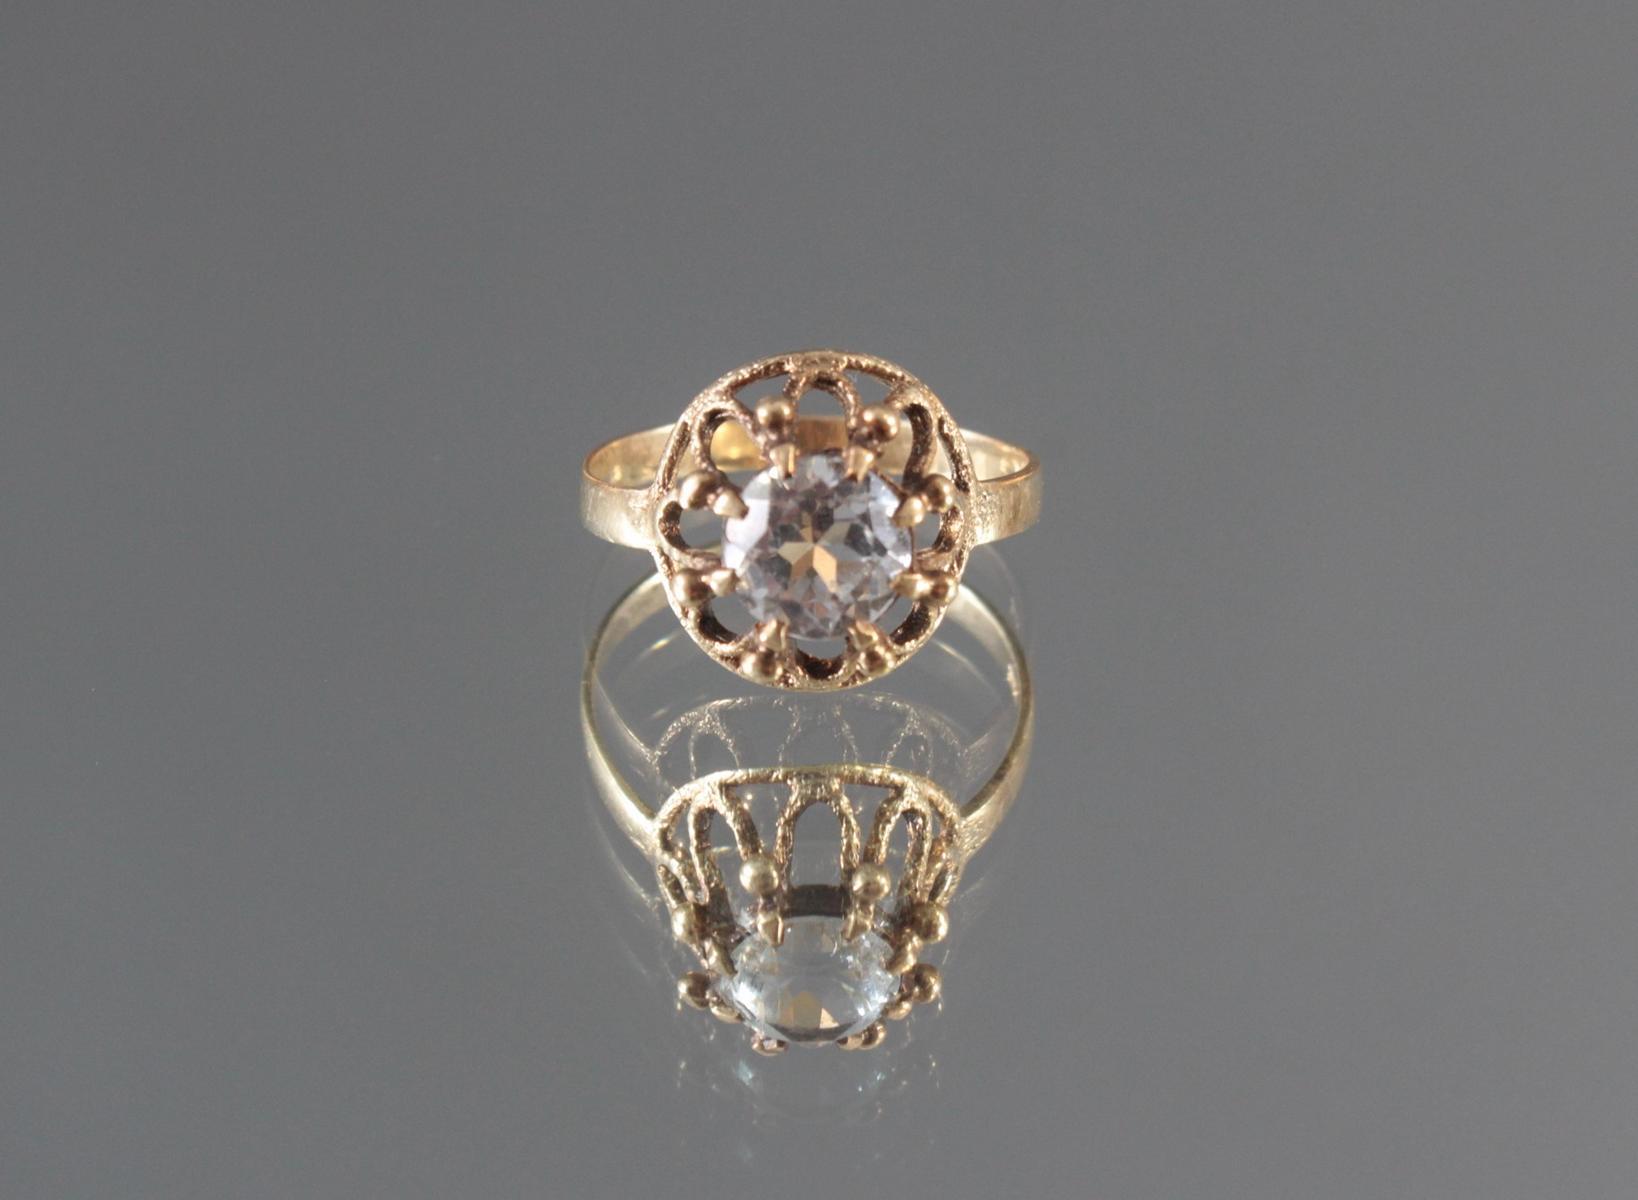 Antiker Damenring mit Zirkonia im Diamantschliff, 14 Karat Gelbgold